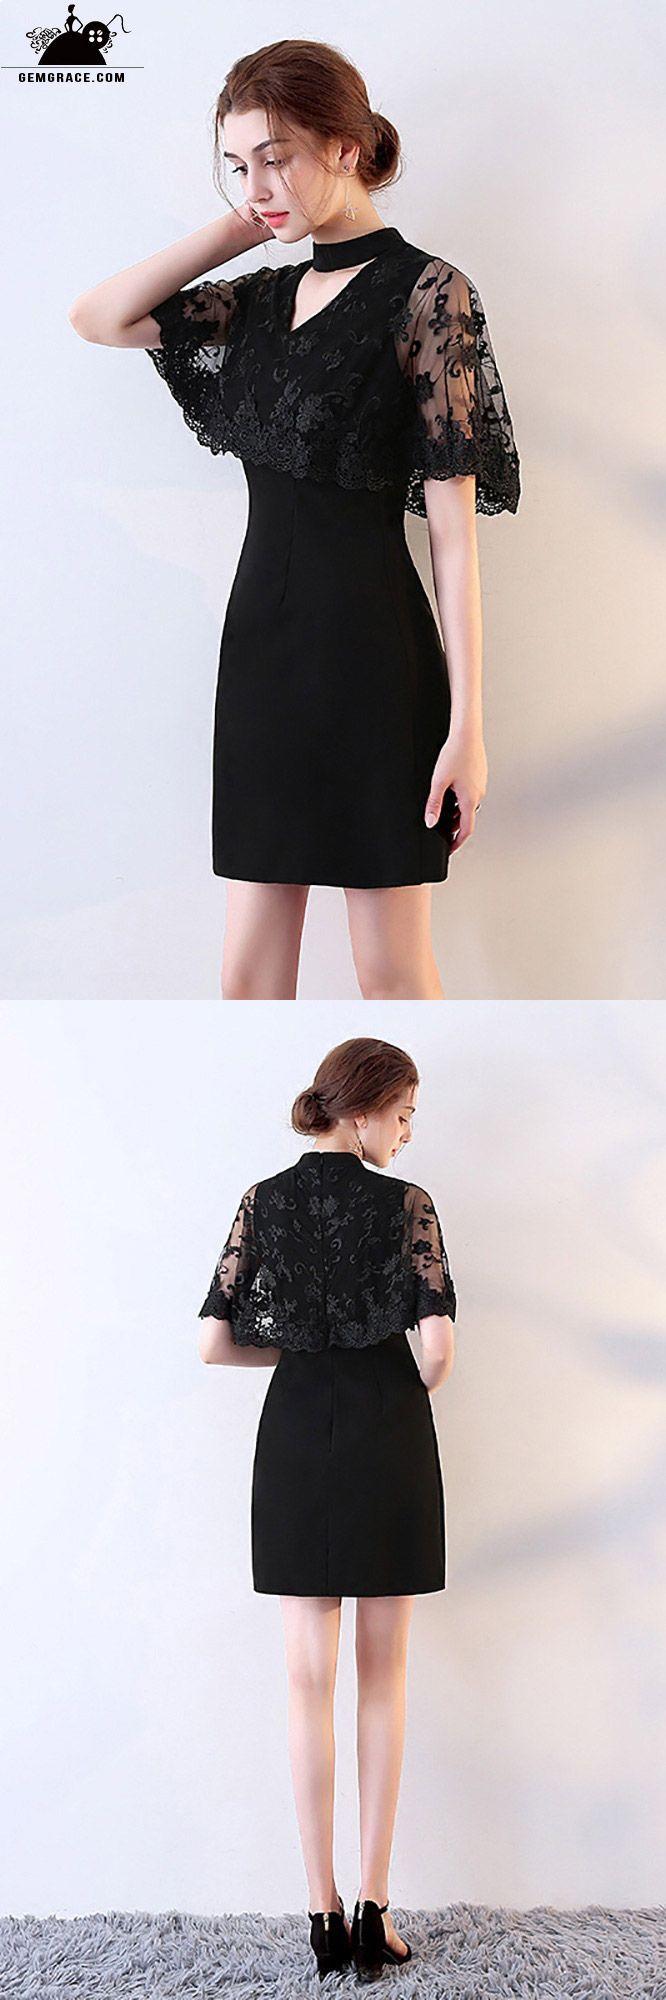 ef3e6ce1419 Little Black Lace Cocktail Party Dress with Cape  MXL86019 ...